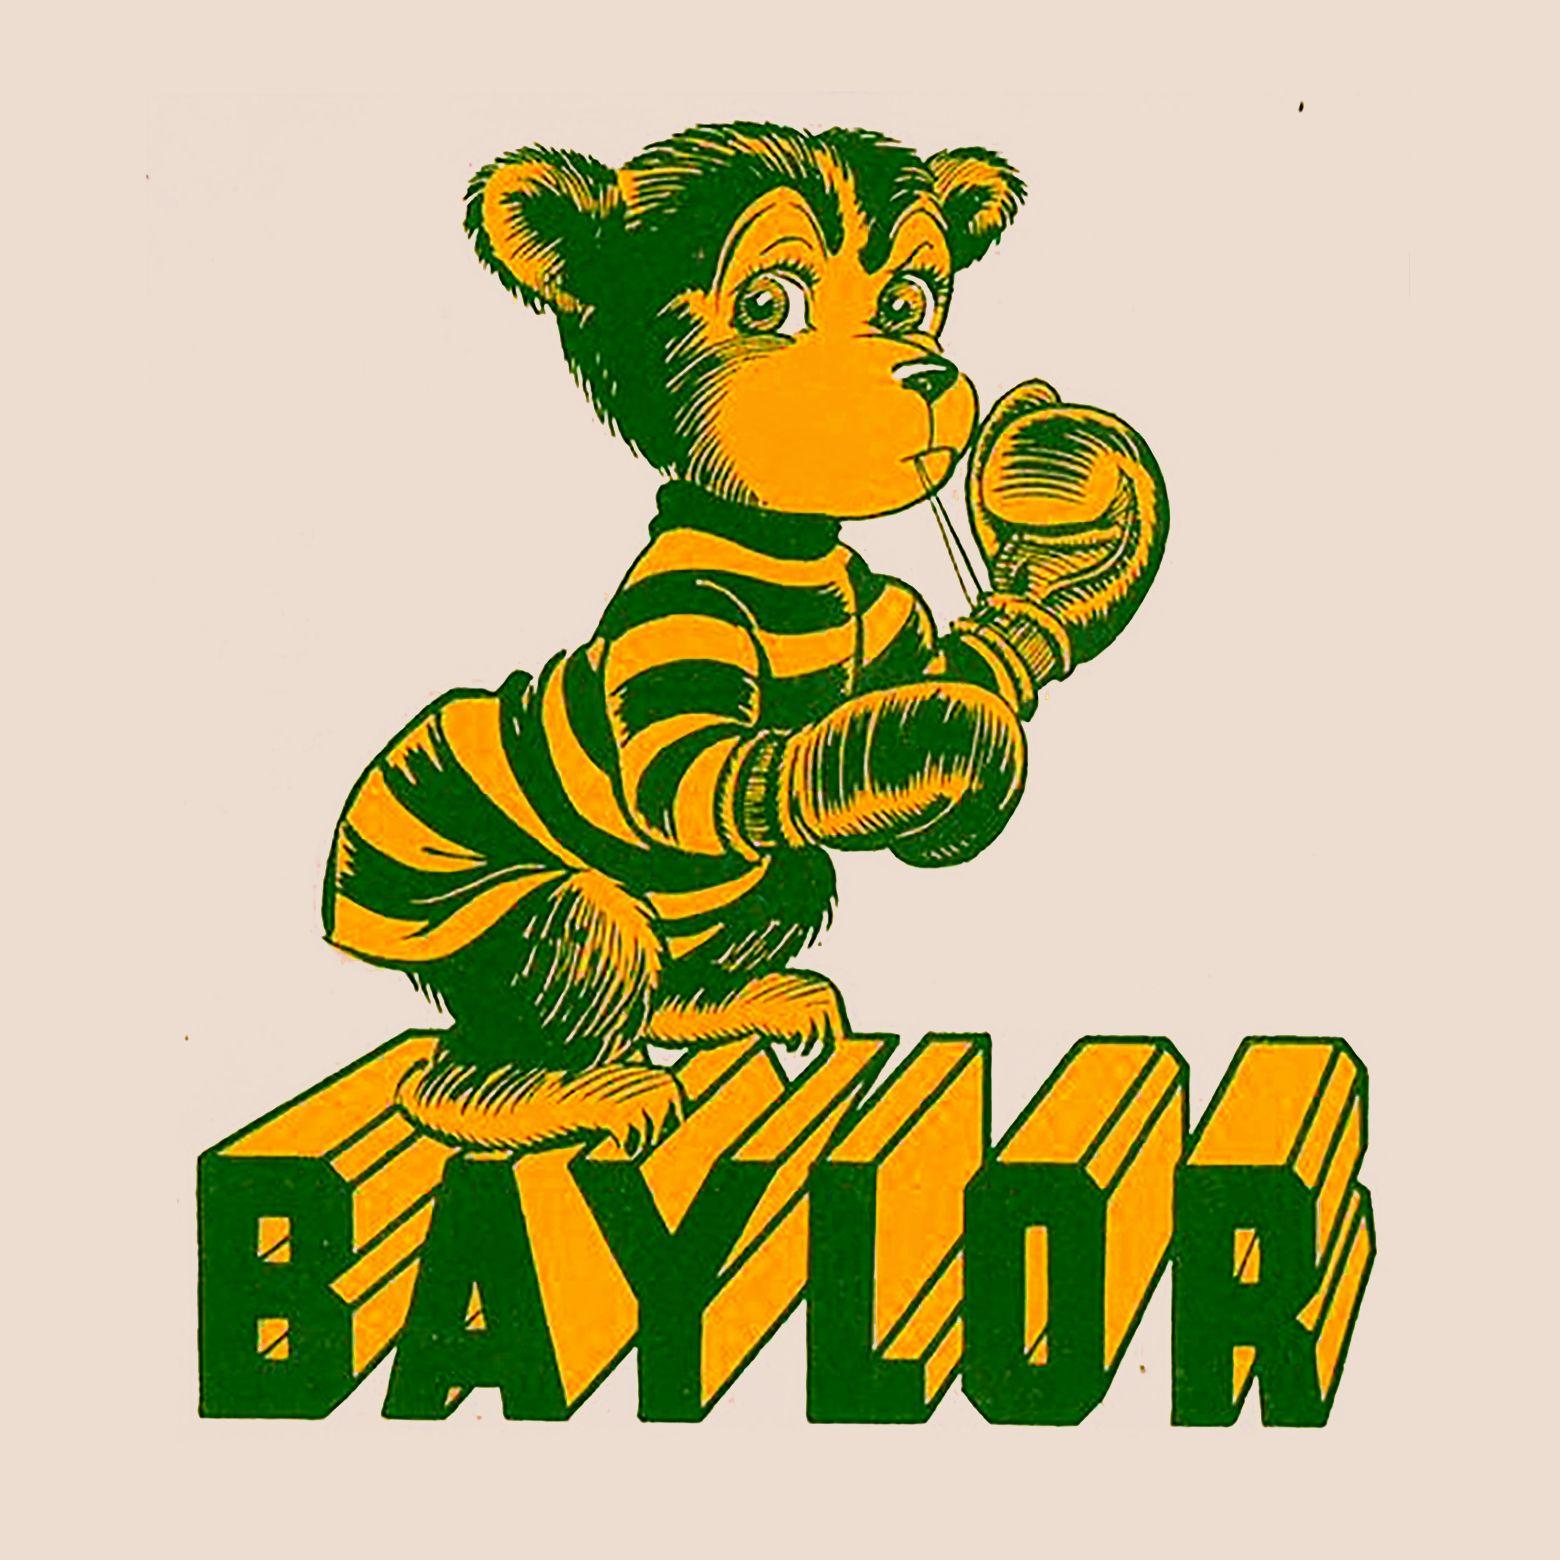 Old baylor logo